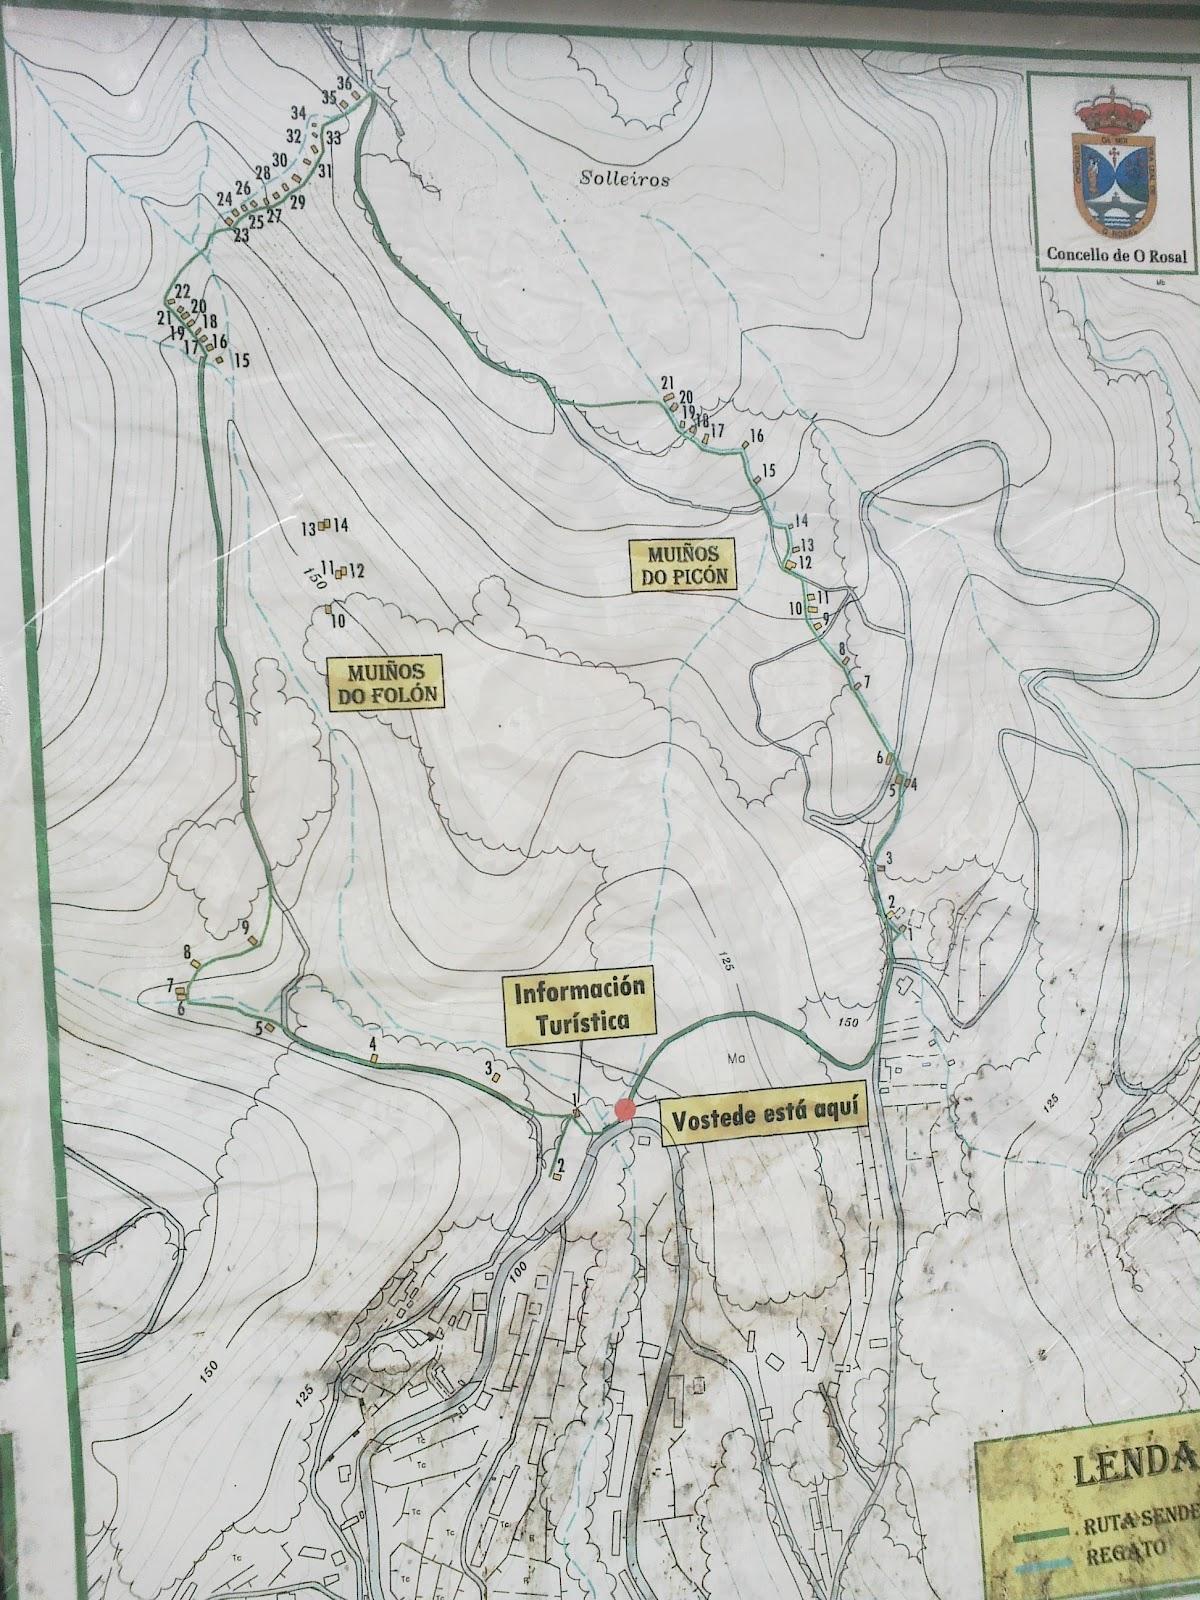 Panel PR-G 94 Ruta dos Muíños do Folón y Picón